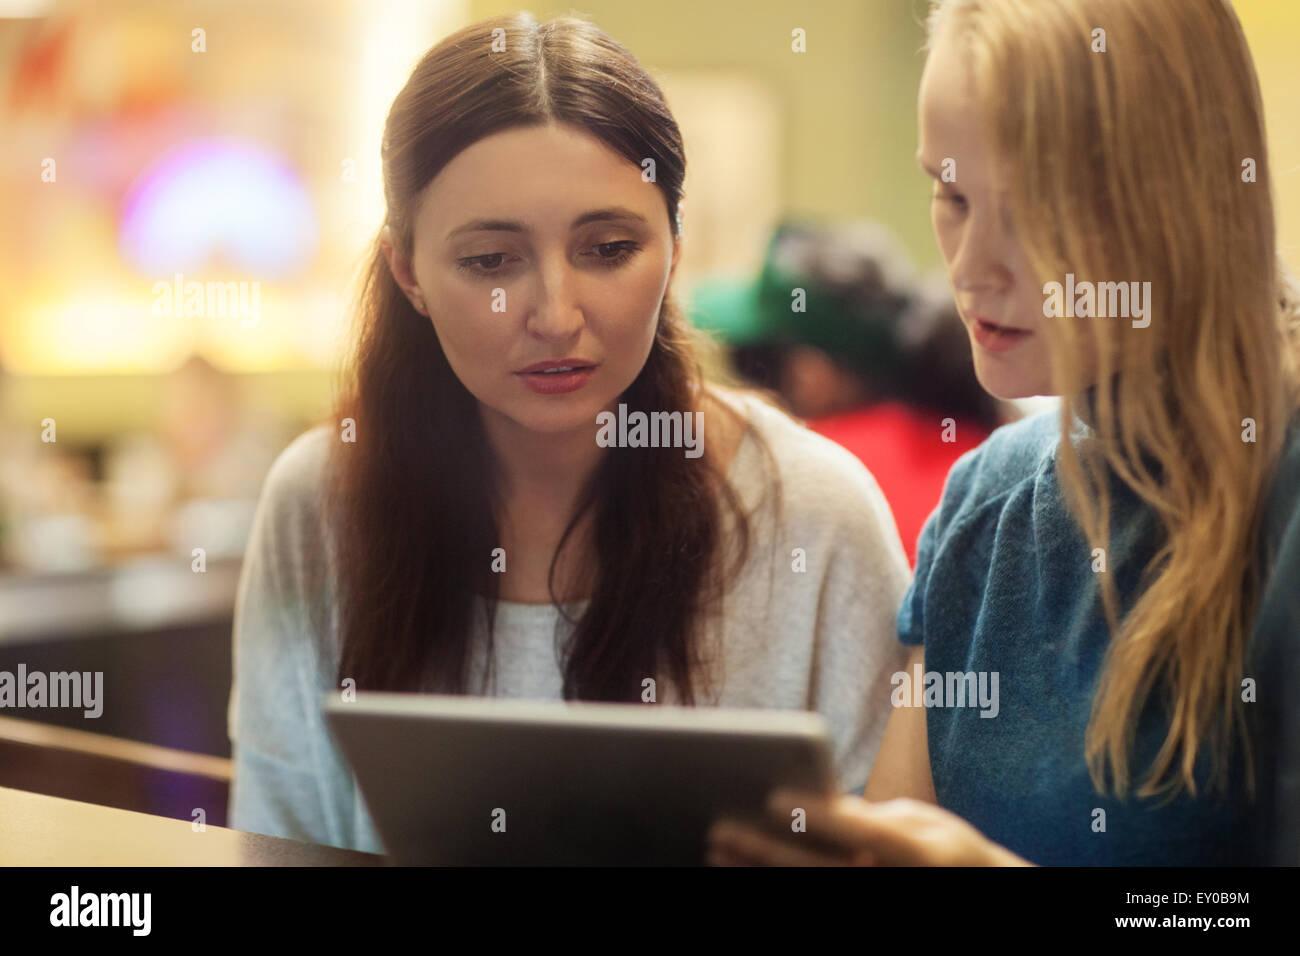 Deux femmes ont une discussion au restaurant à l'aide de tablette électronique Photo Stock